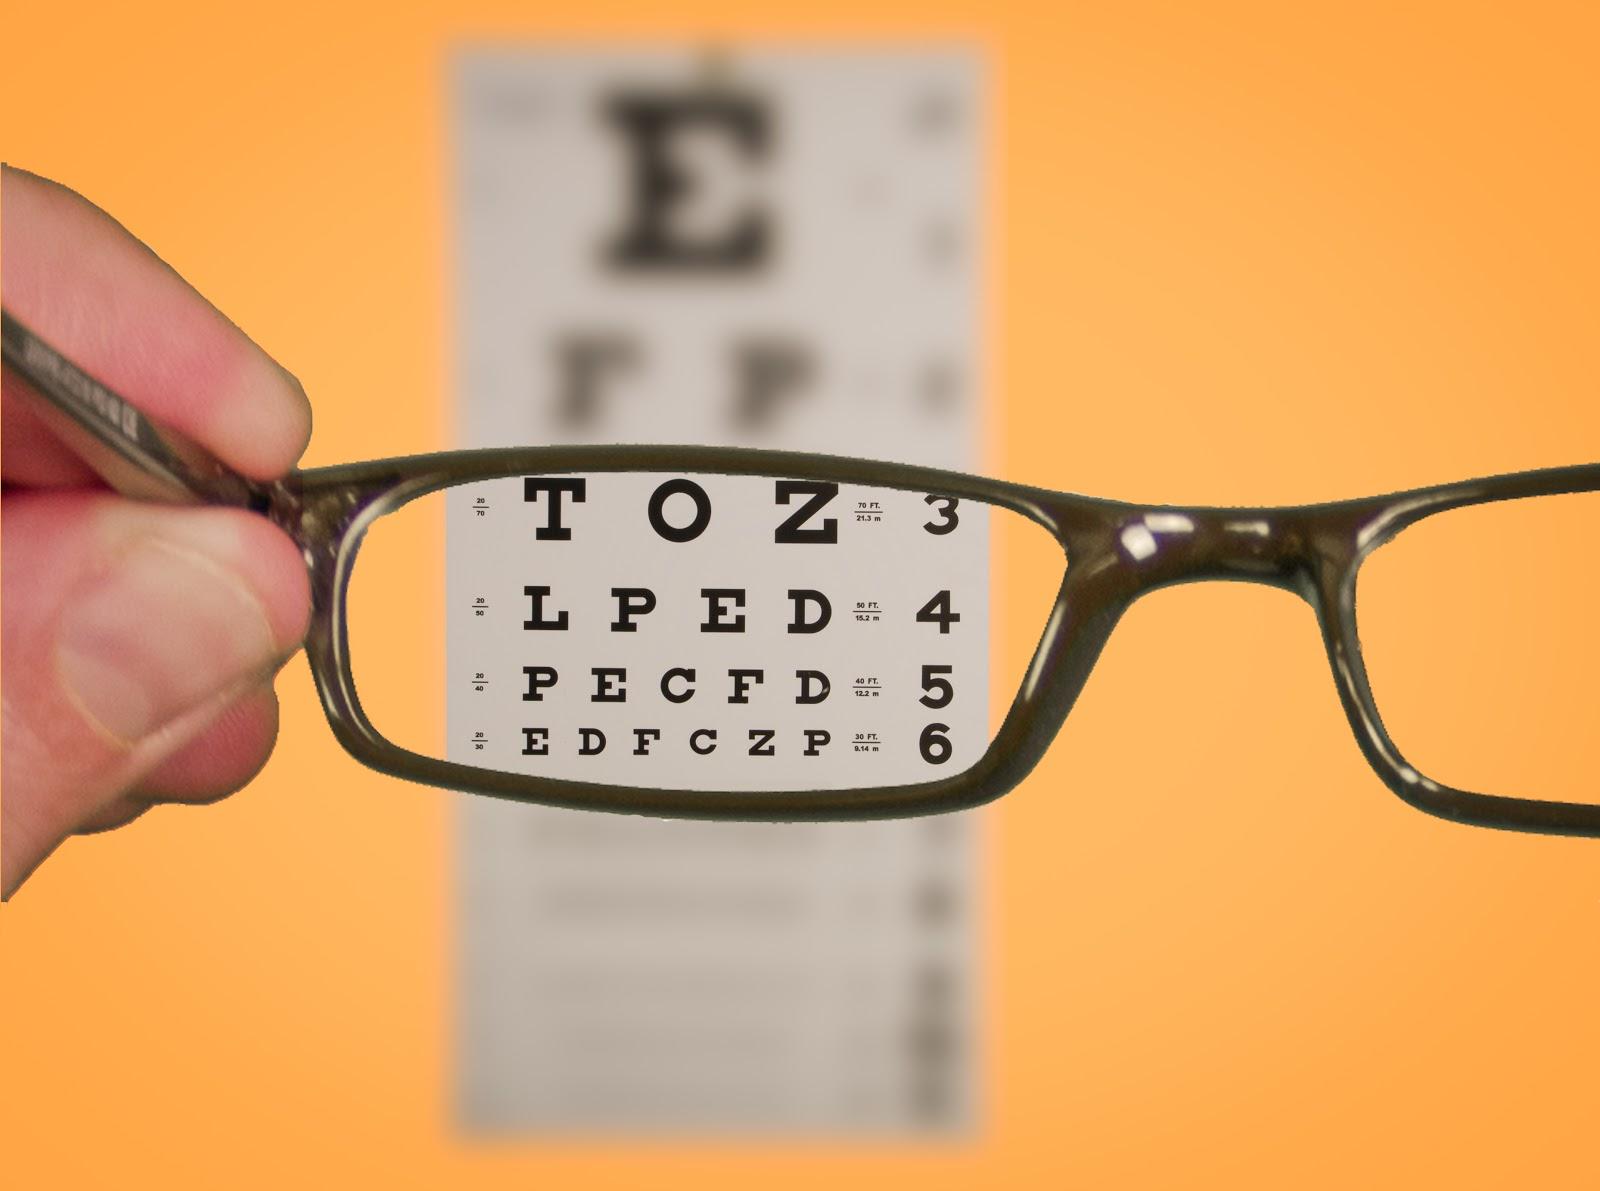 eada7a2f0b24e O Oftalmologista é o profissional responsável por detectar os vícios de  visão e orientar o paciente sobre qual a solução mais rápida e correta para  cada ...